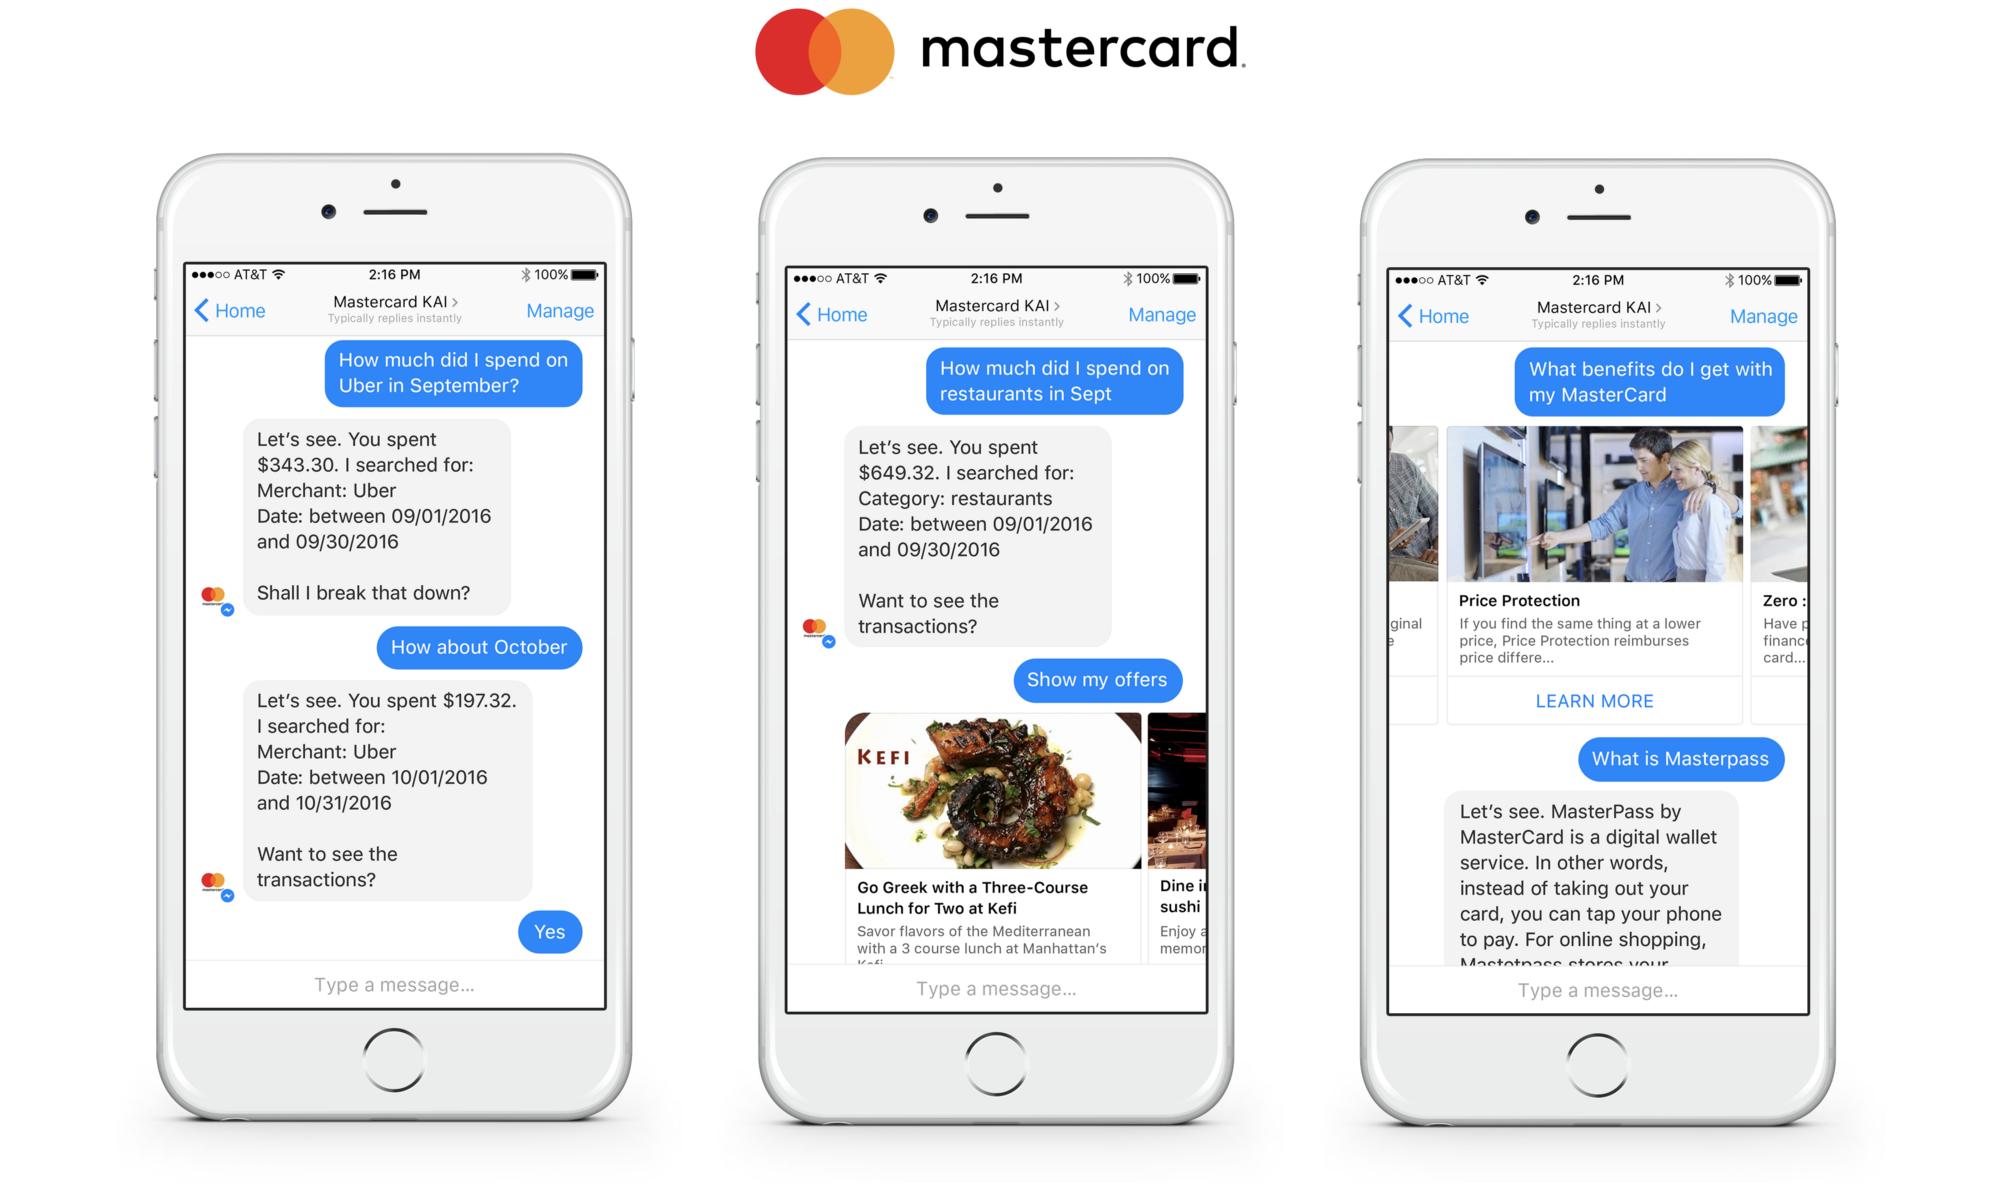 mastercard-chatbot